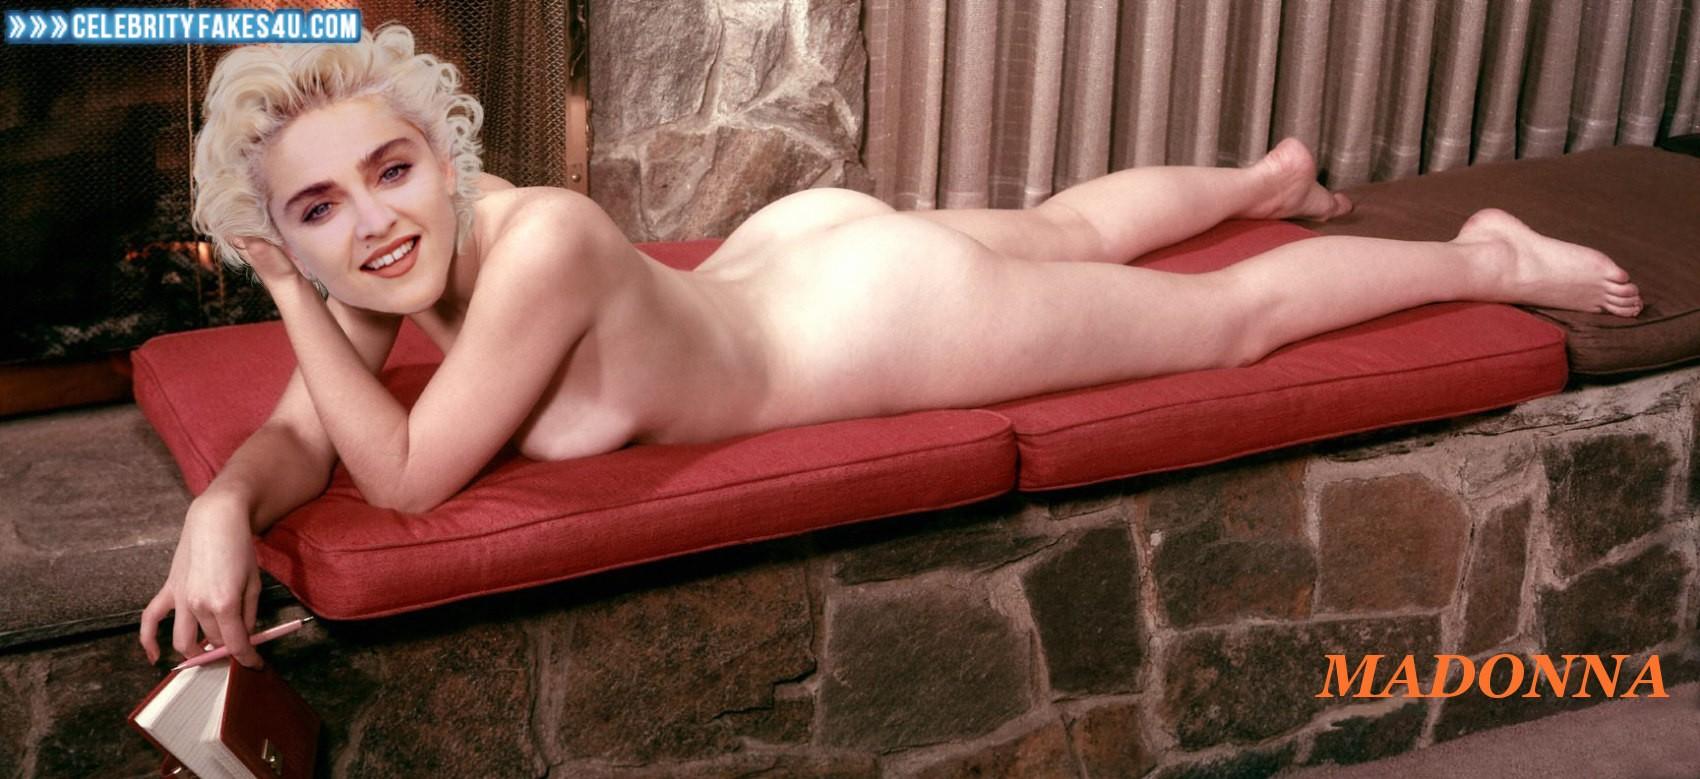 Something naked viginas up close